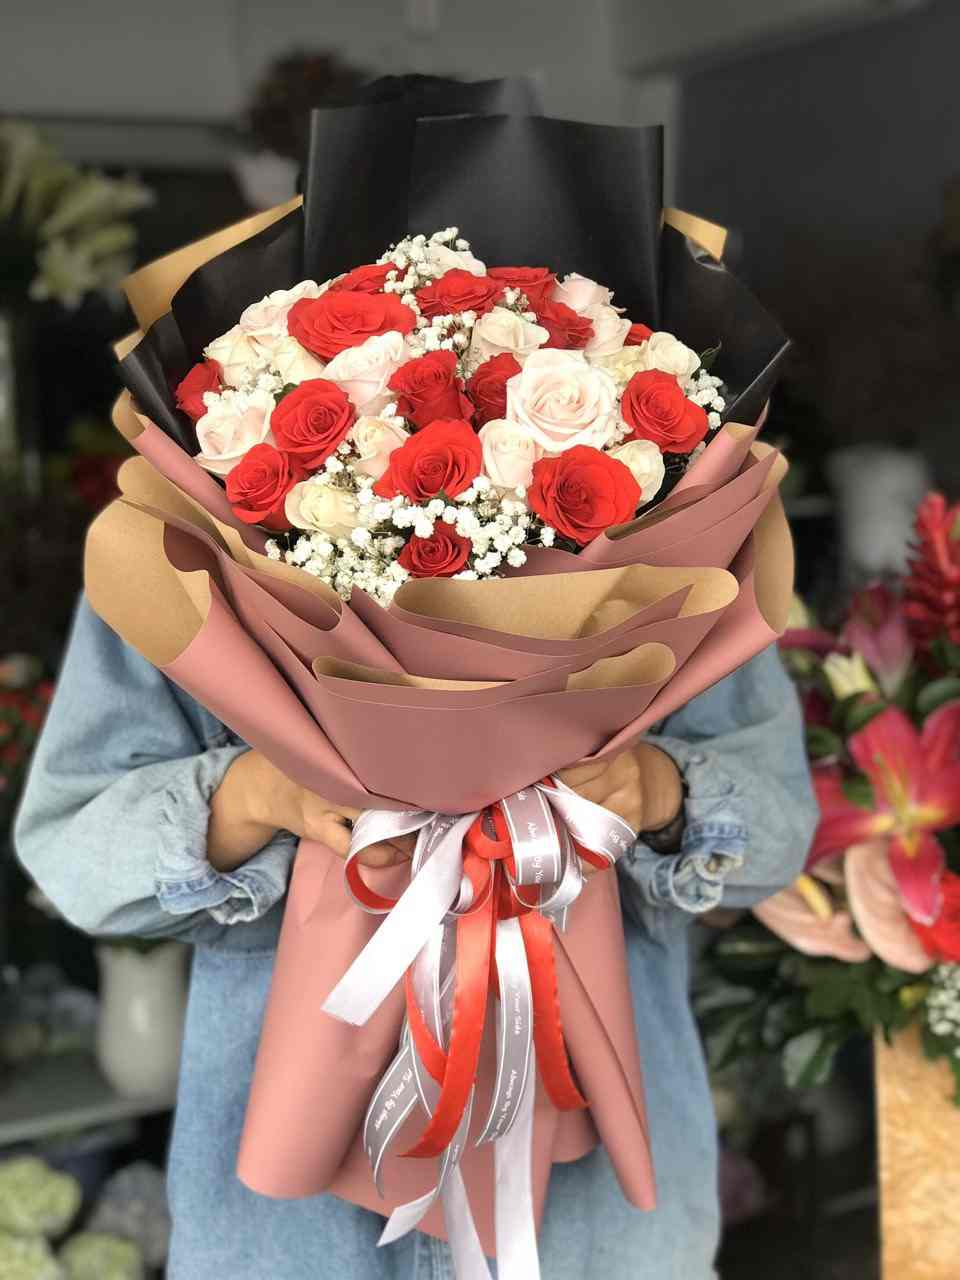 Bó hoa hồng đỏ và hồng kem Tại Shop Hoa Tươi Gò Dầu